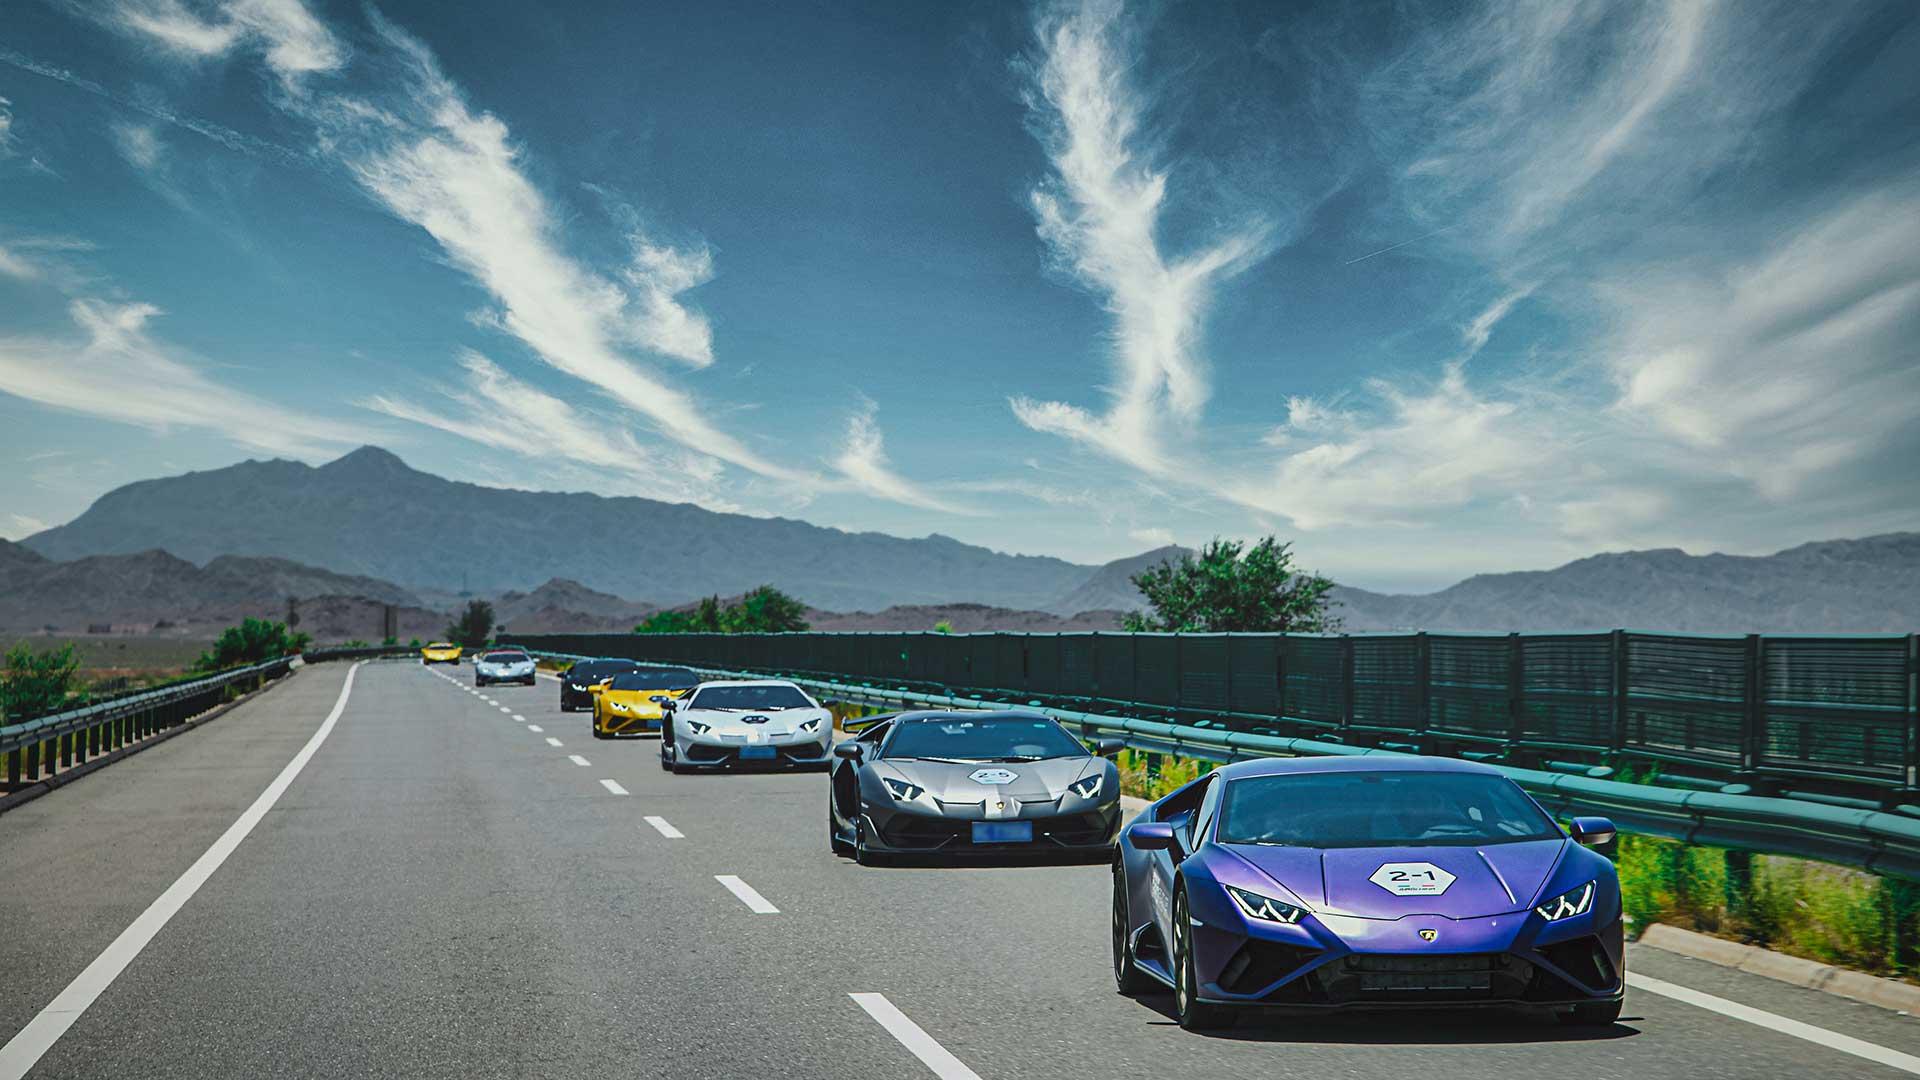 Lamborghini Esperienza Giro: una expedición de 42 Lamborghini reunidos en el noroeste de China